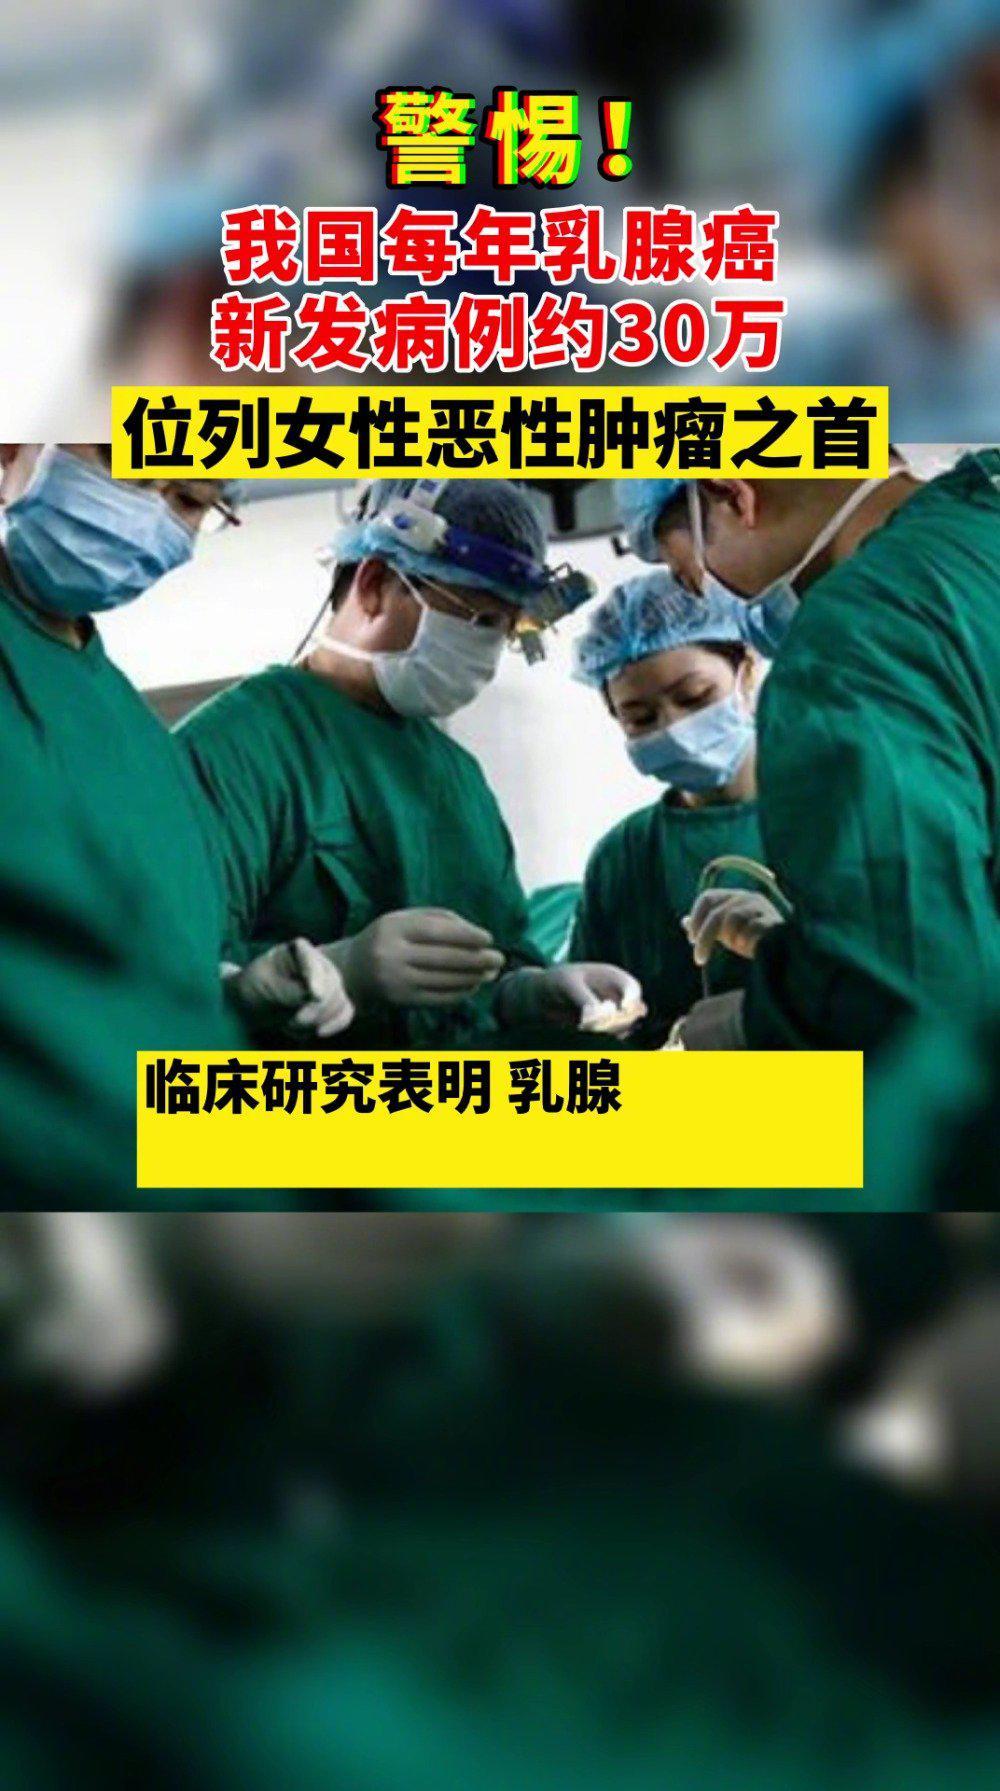 我国每年乳腺癌新发病例约30万 位列女性恶性肿瘤之首